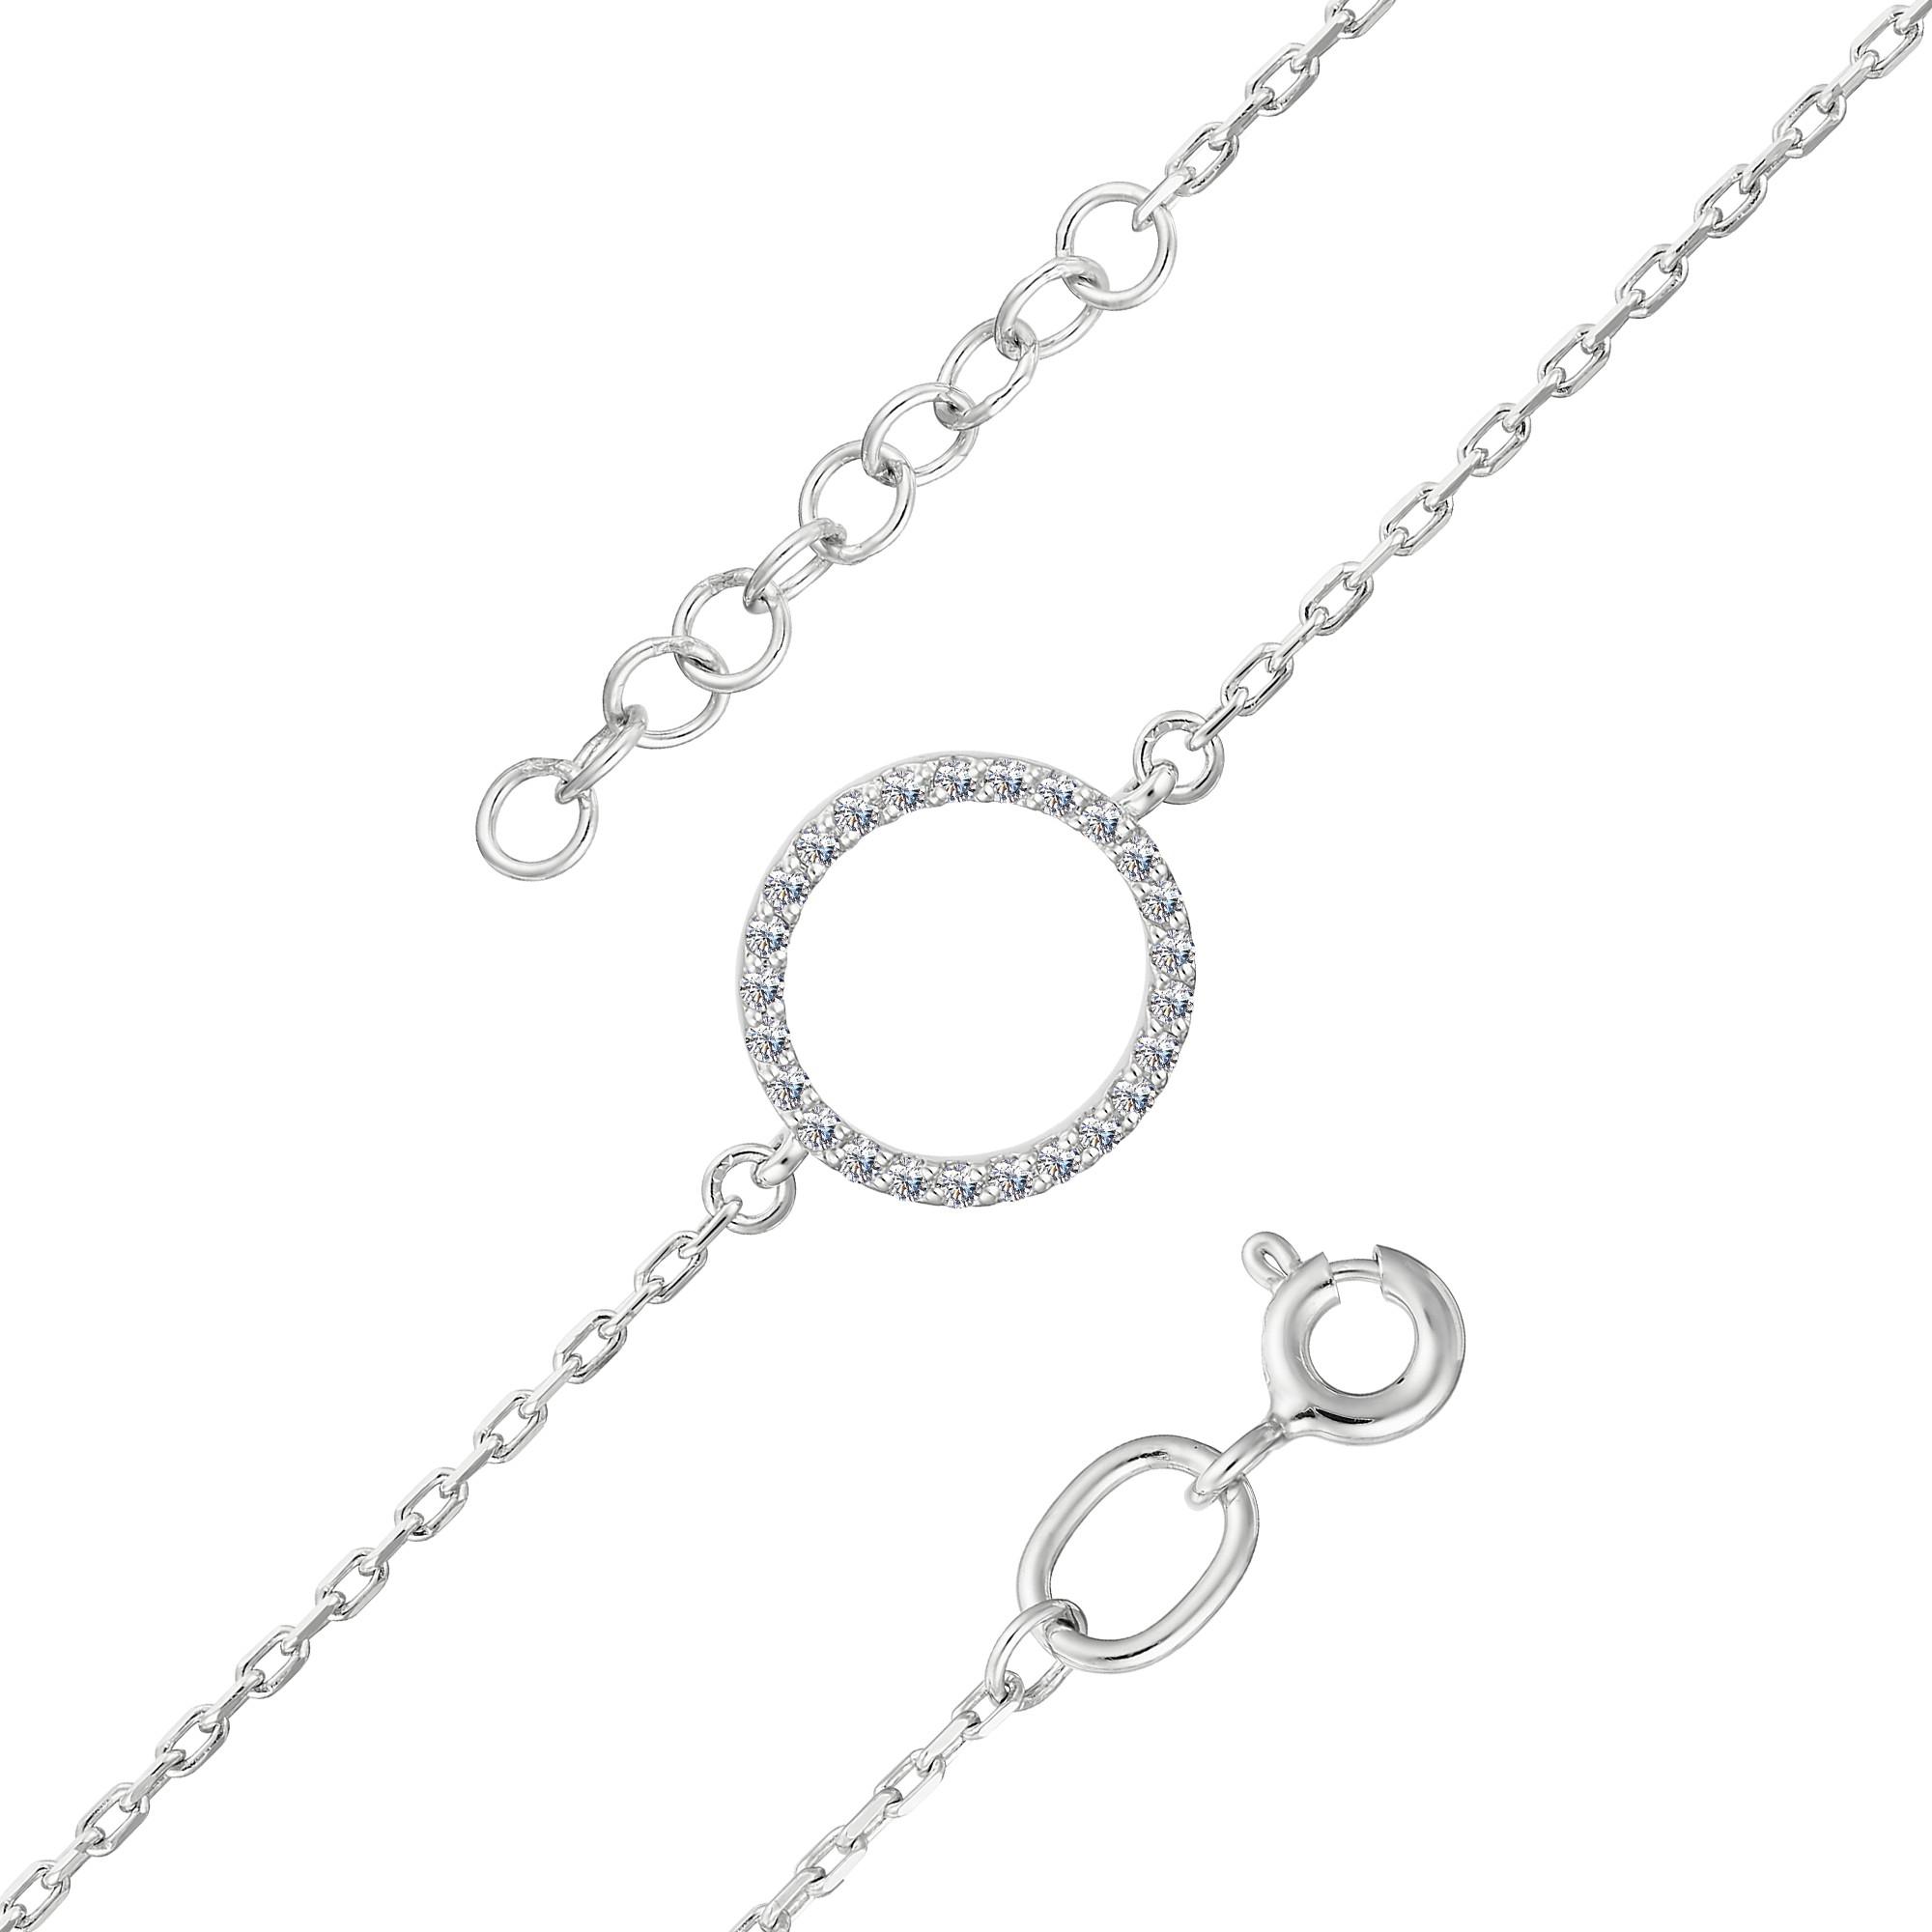 Браслет женский АЛЬКОР 5145-200 из золота, бриллиант, регулируемый